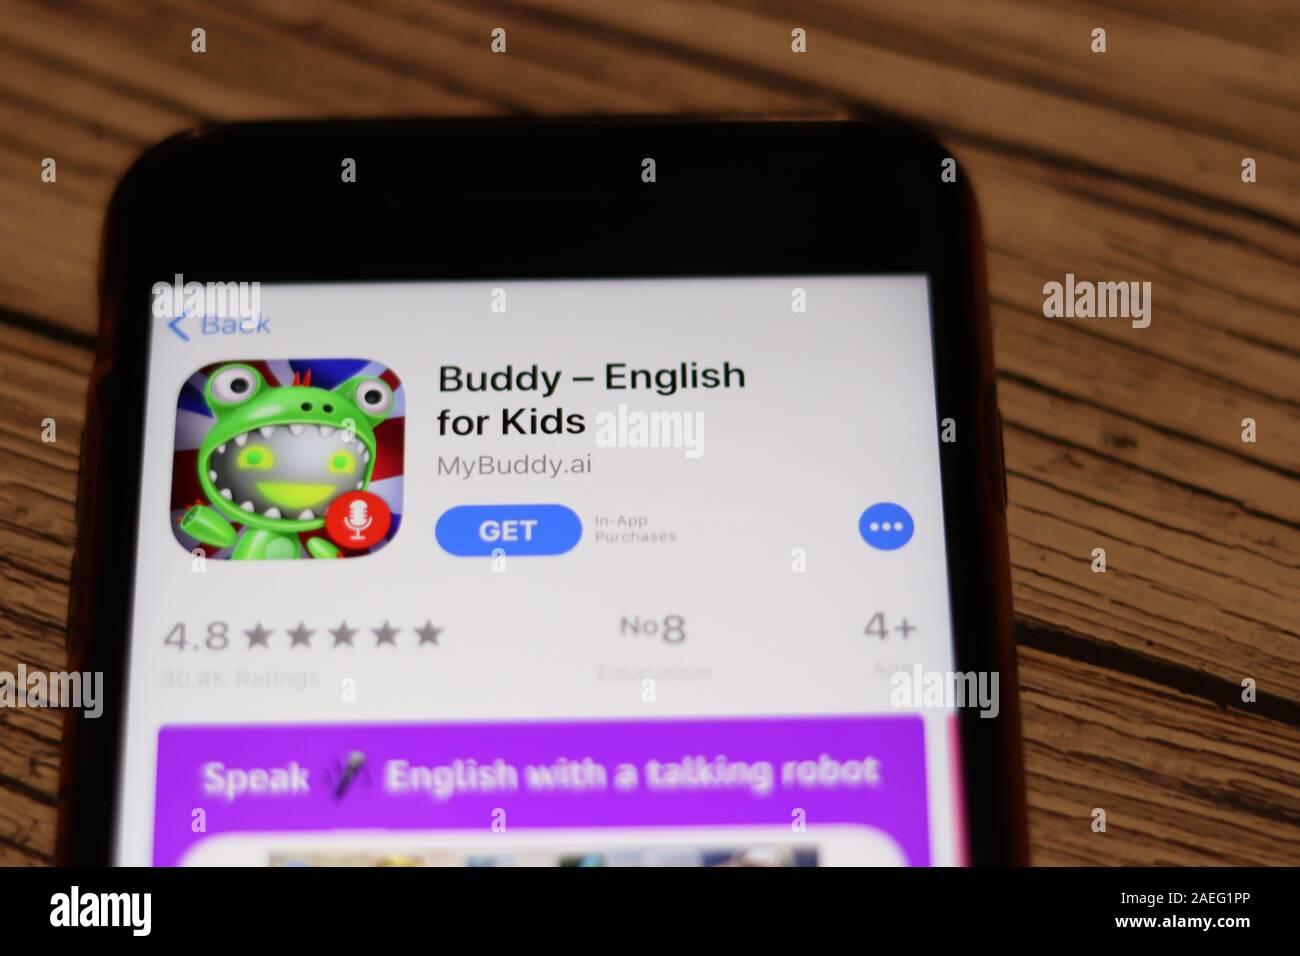 Los Angeles California Usa 26 De Noviembre De 2019 Buddy English For Kids Pagina App Store Cerrar Vista Superior En El Escritorio A Titulo Ilustrativo Editorial Fotografia De Stock Alamy